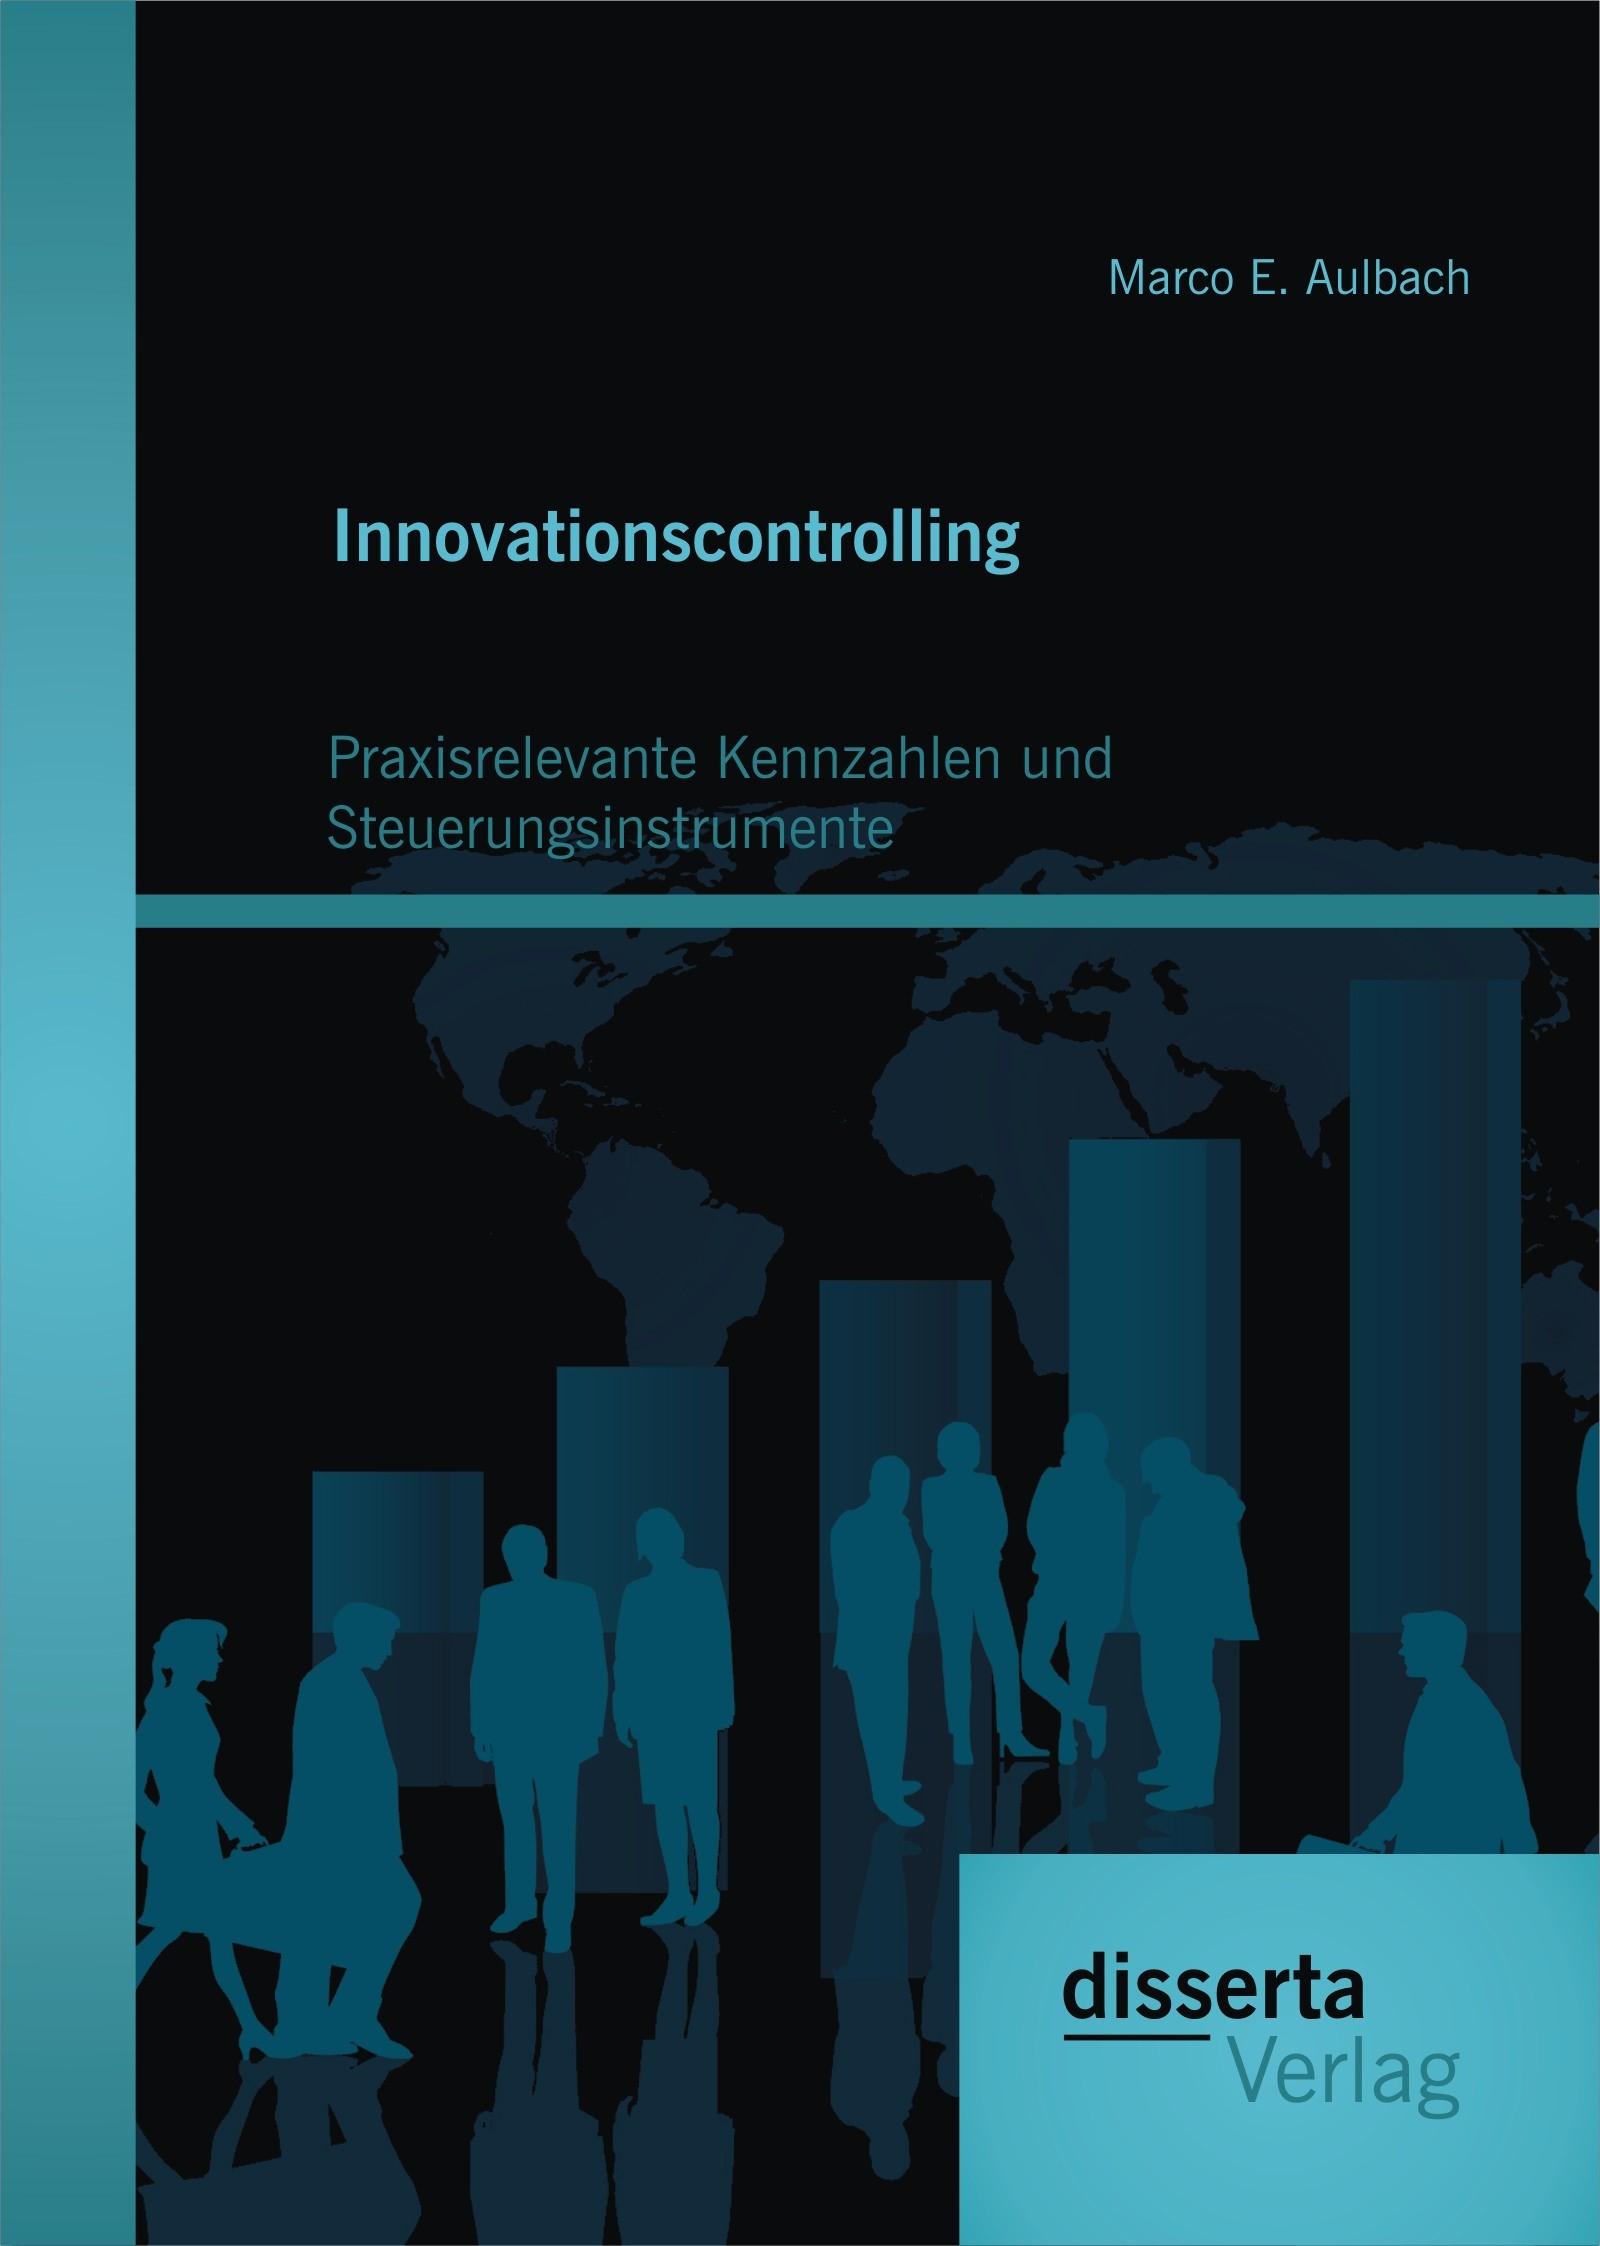 Innovationscontrolling: Praxisrelevante Kennzahlen und Steuerungsinstrumente | Müller | Erstauflage, 2015 | Buch (Cover)